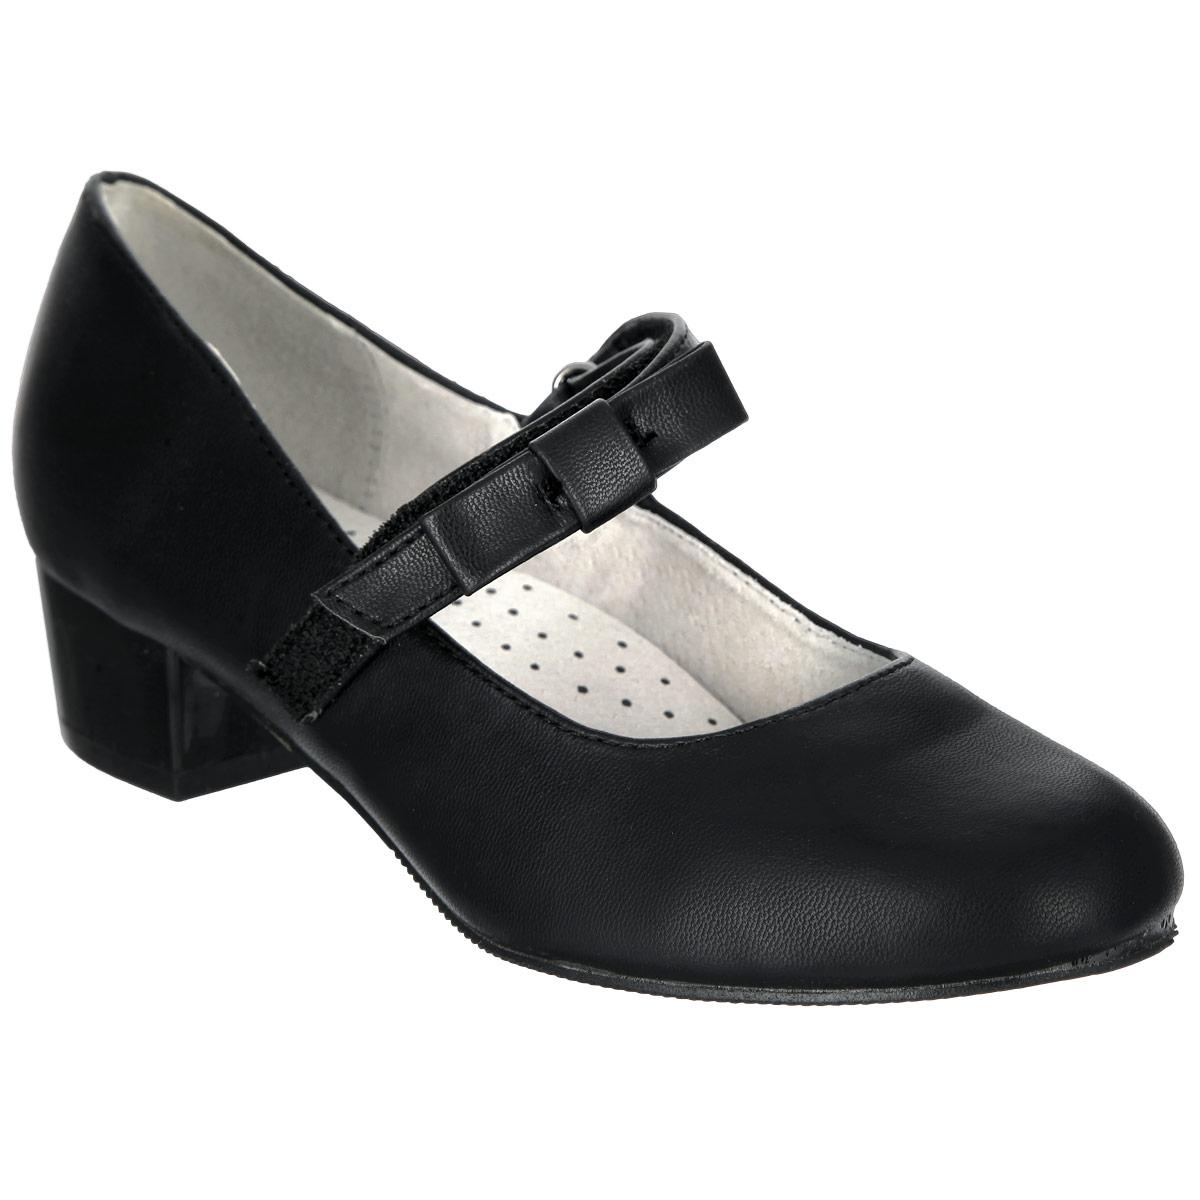 Туфли для девочки. 958520/01-01958520/01-01Прелестные туфли от Betsy очаруют вашу дочурку с первого взгляда! Модель выполнена из искусственной кожи и декорирована очаровательным бантиком на ремешке. Ремешок на застежке-липучке гарантирует надежную фиксацию обуви на ноге. Кожаная стелька дополнена супинатором, который обеспечивает правильное положение ноги ребенка при ходьбе, предотвращает плоскостопие. Перфорация на стельке позволяет ножкам дышать. Рифленая поверхность каблука и подошвы защищает изделие от скольжения. Удобные туфли - незаменимая вещь в гардеробе каждой девочки.